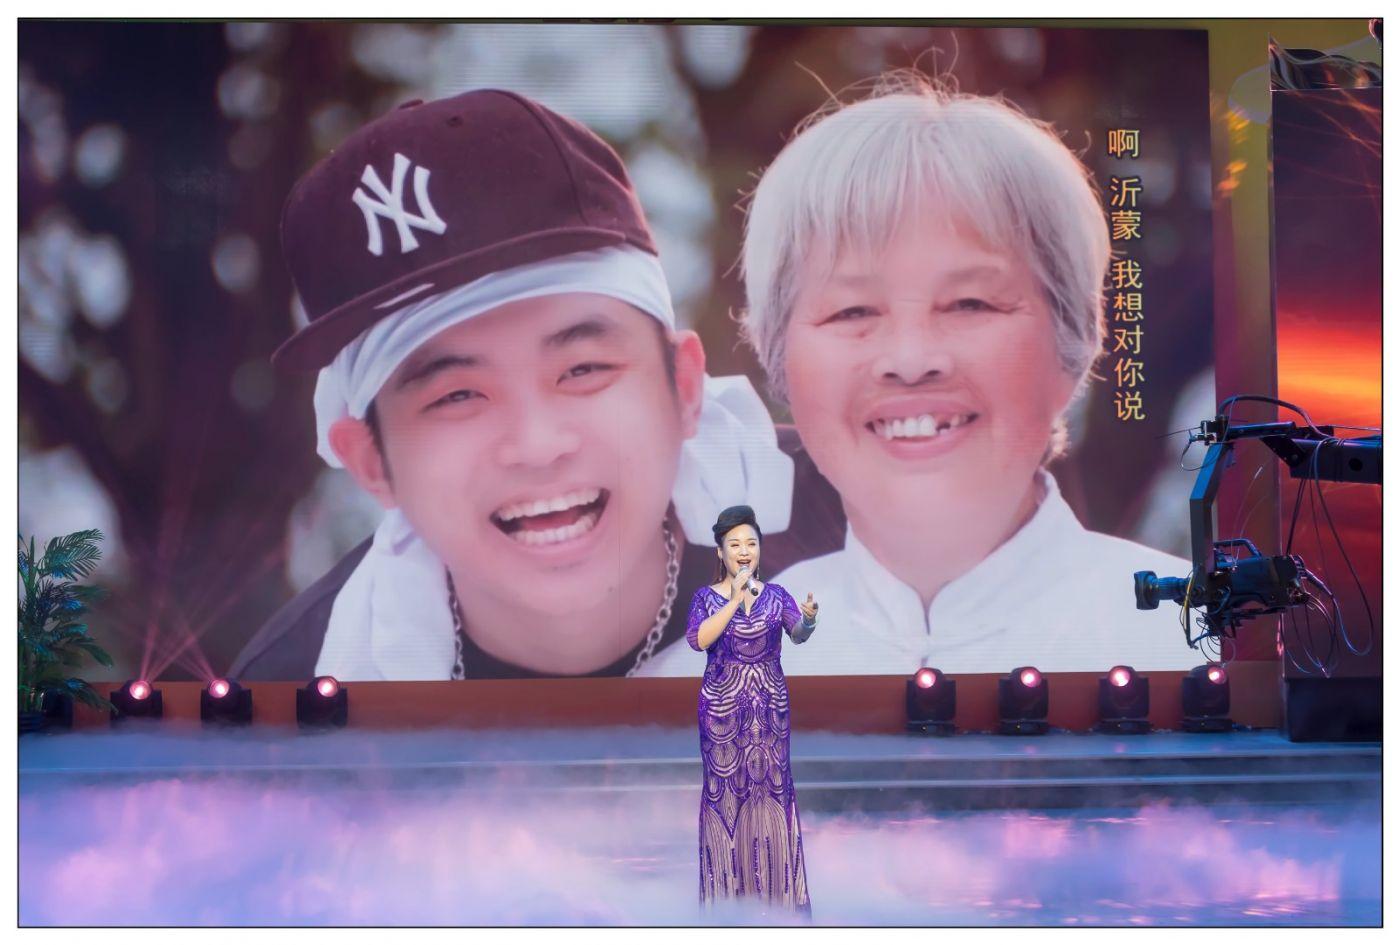 临沂姑娘杨妮妮曾感动春晚总动员 今晚在临沂电视台大放异彩 ..._图1-15